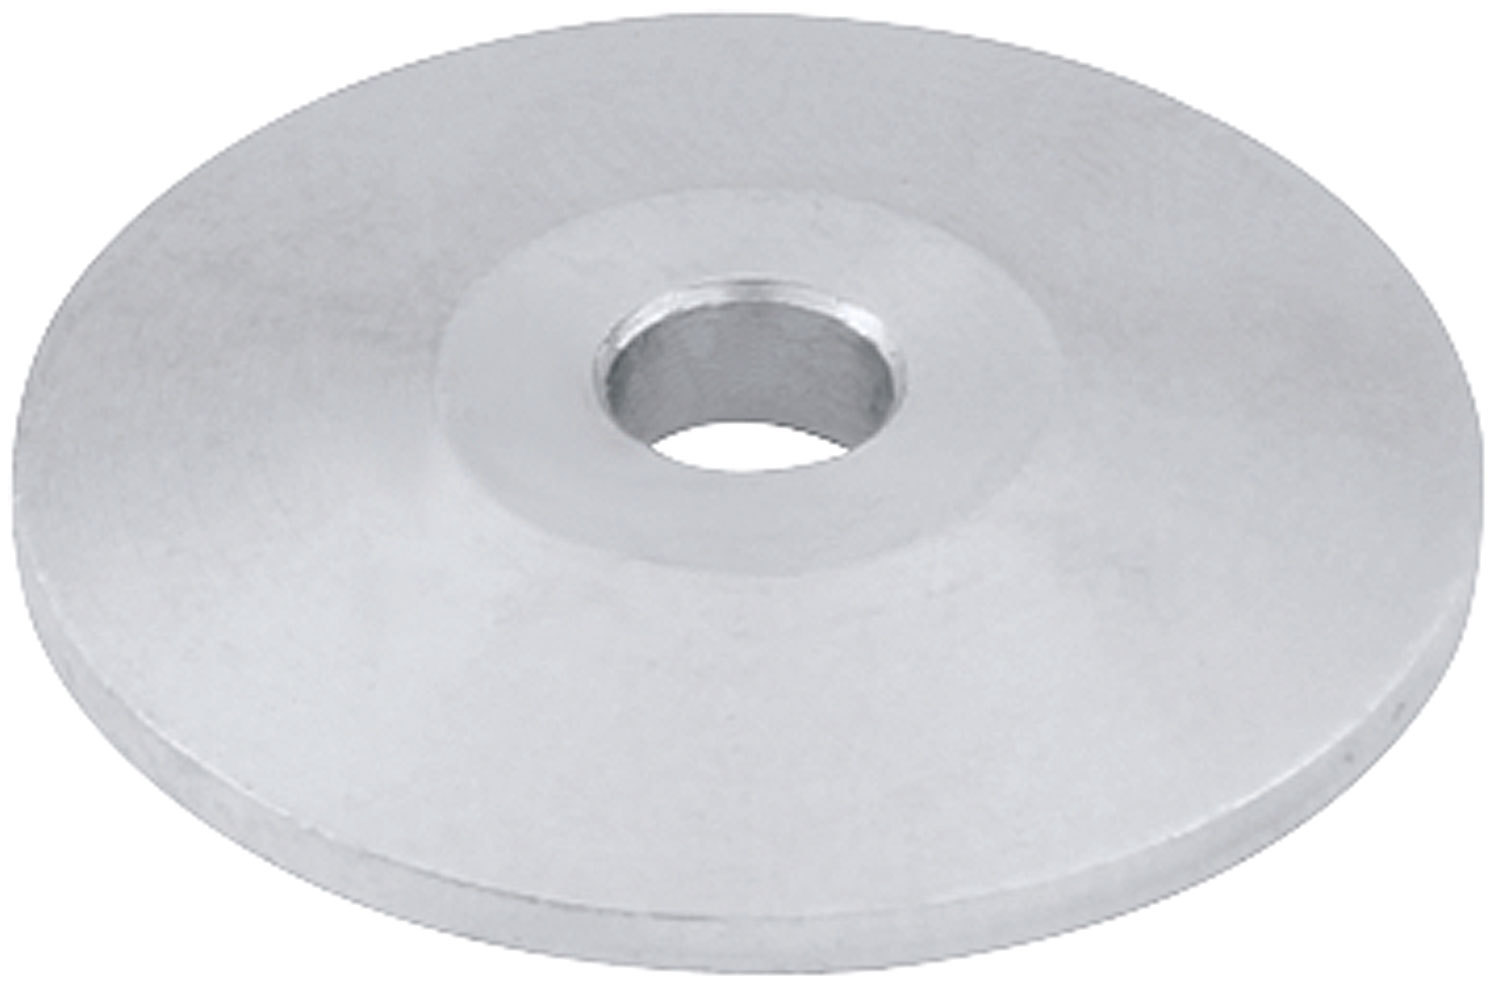 Allstar Performance Aluminum Backer Washer #10 10pk